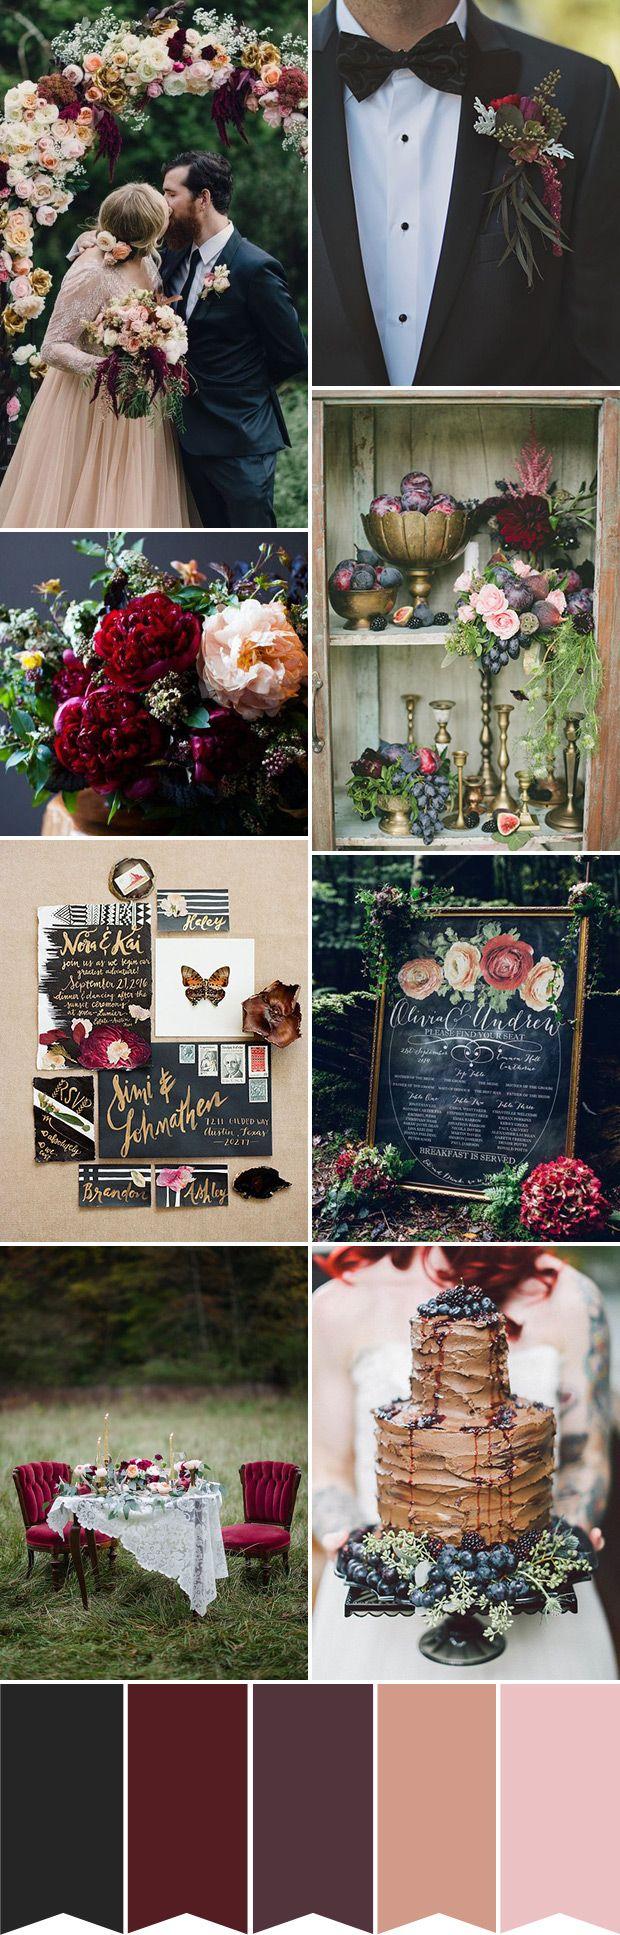 Rojo ciruela avellutado con rosa palo, es una combinación maravillosa para bodas de invierno ideasparatuboda.wix.com/planeatuboda